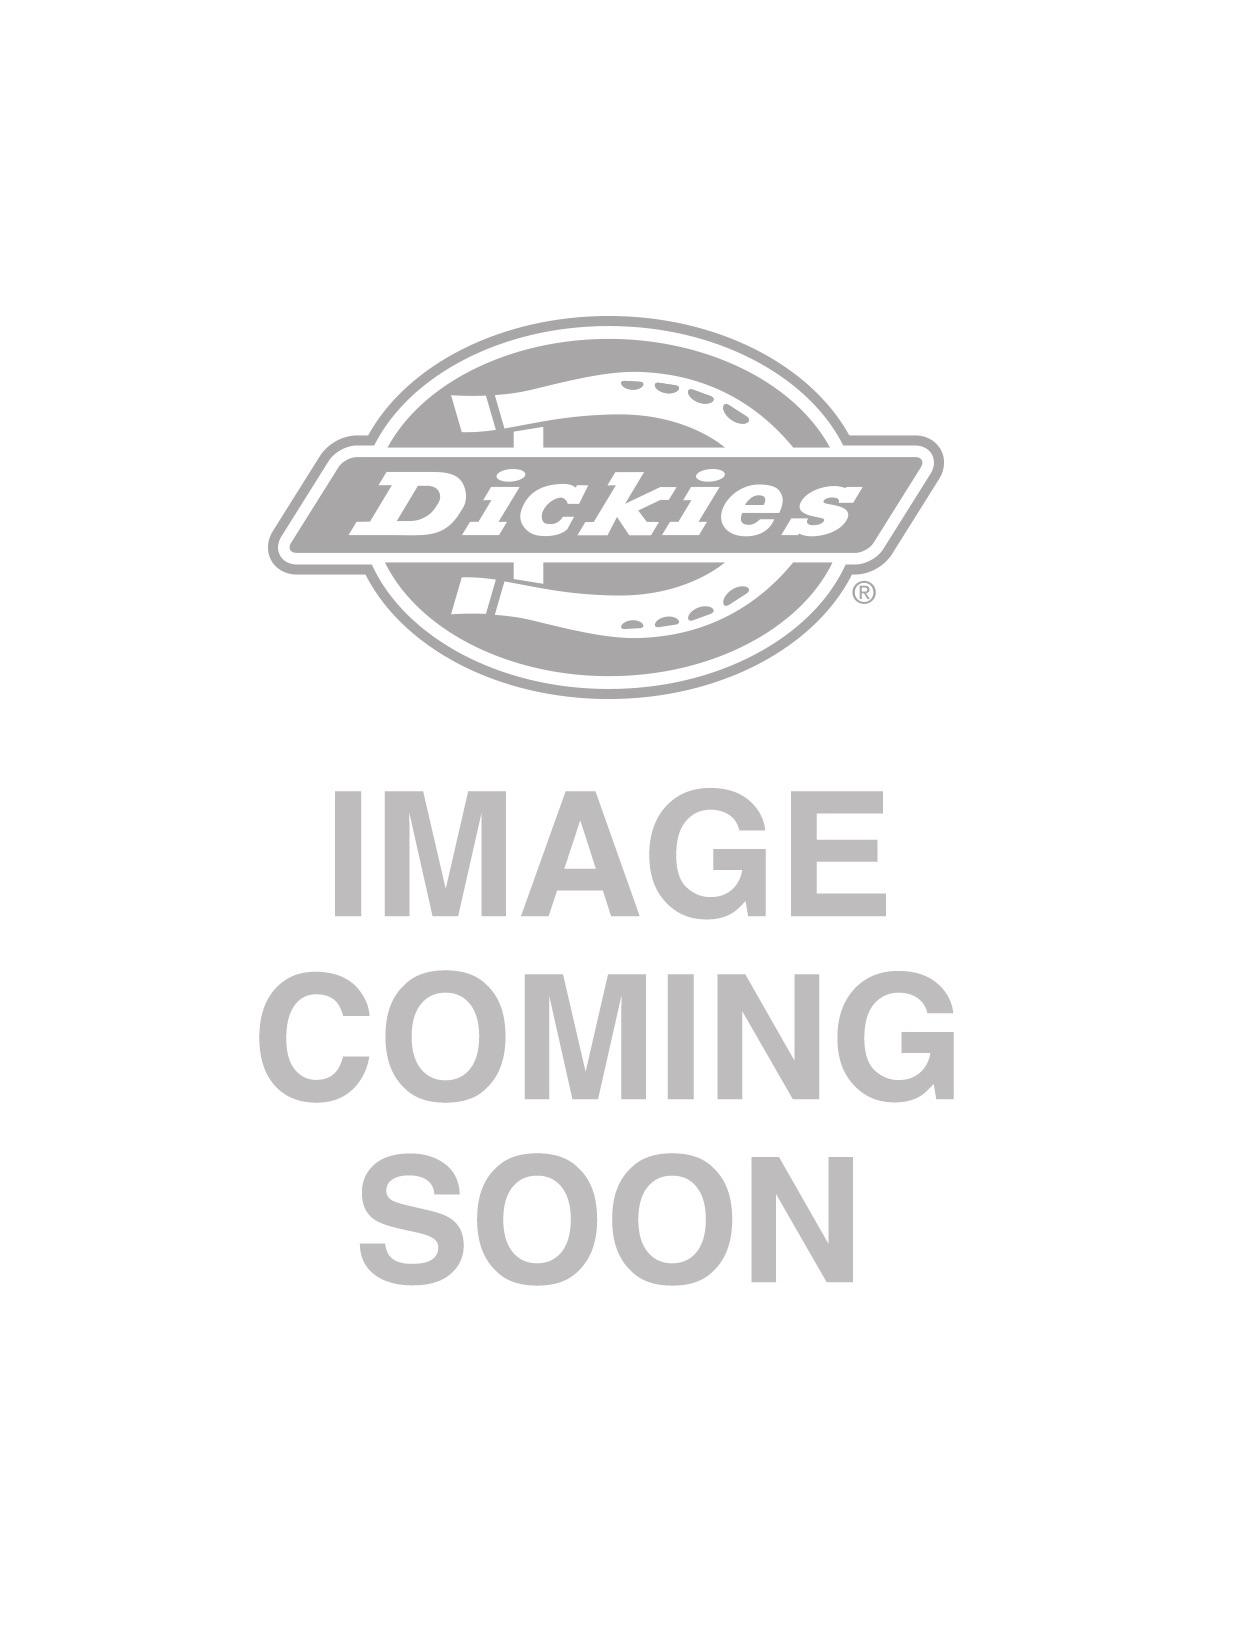 5561fe6acbde1b Dickies Original 874 Work Pant